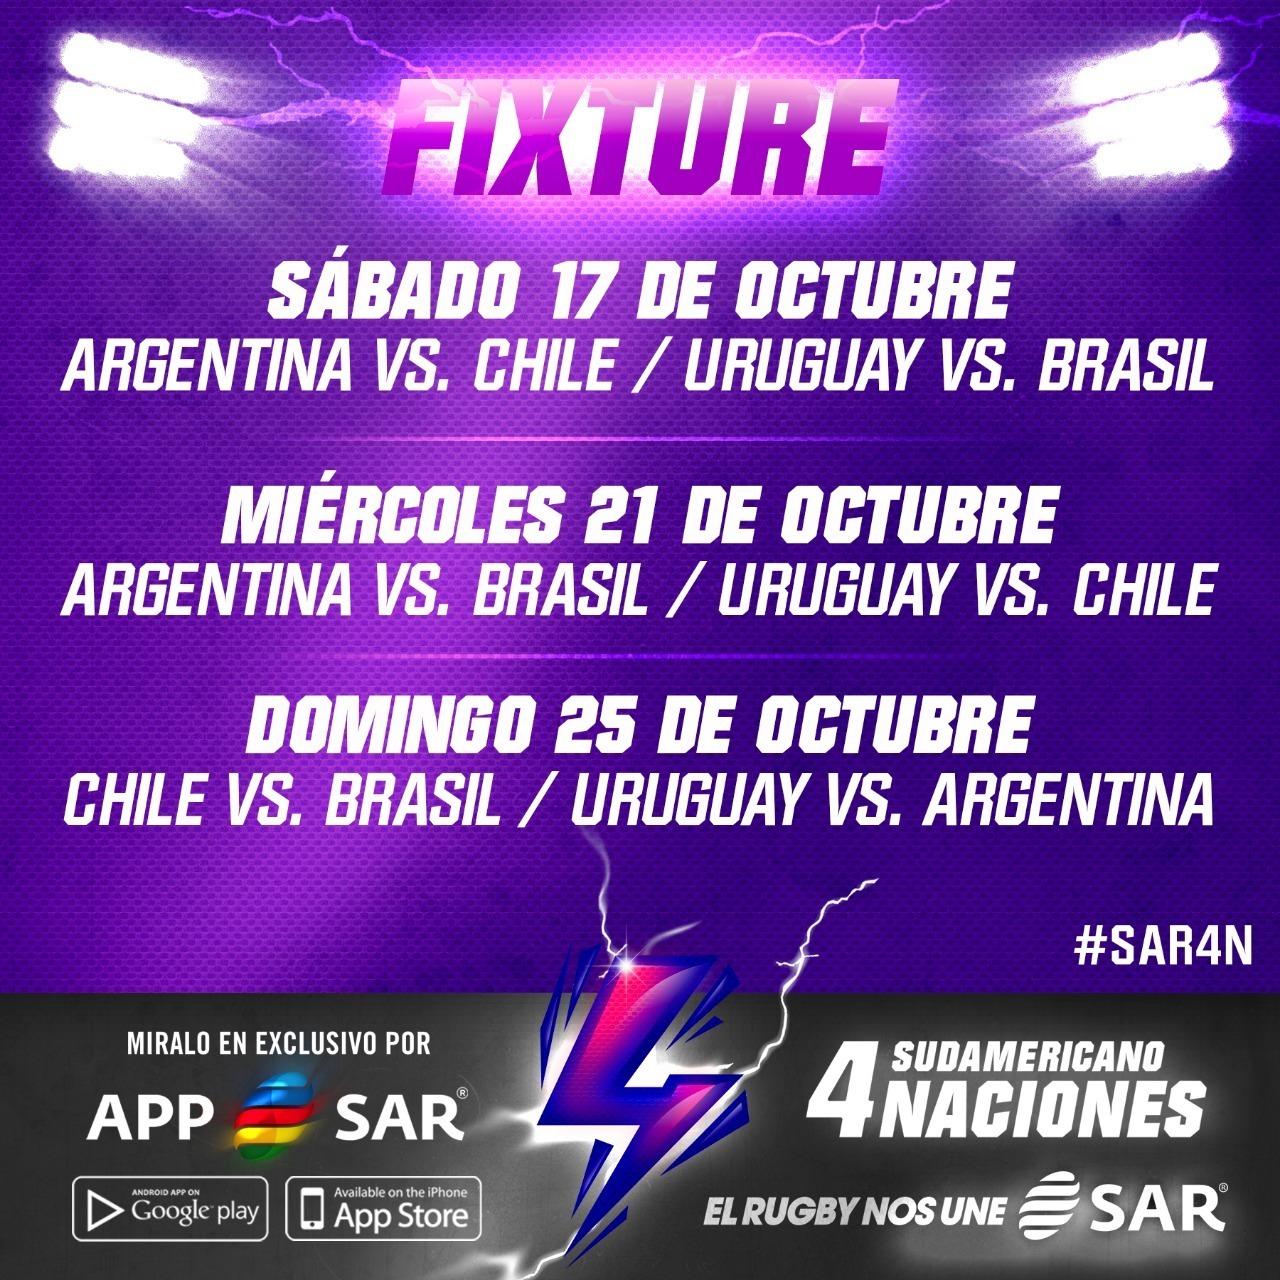 El Sudamericano Cuatro Naciones tiene fixture